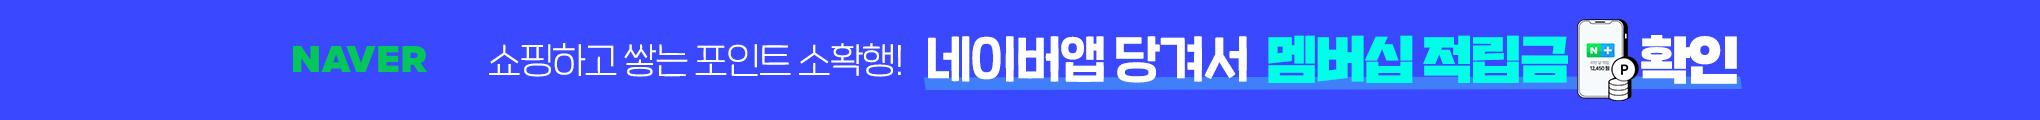 네이버앱-멤버십 포인트 적립